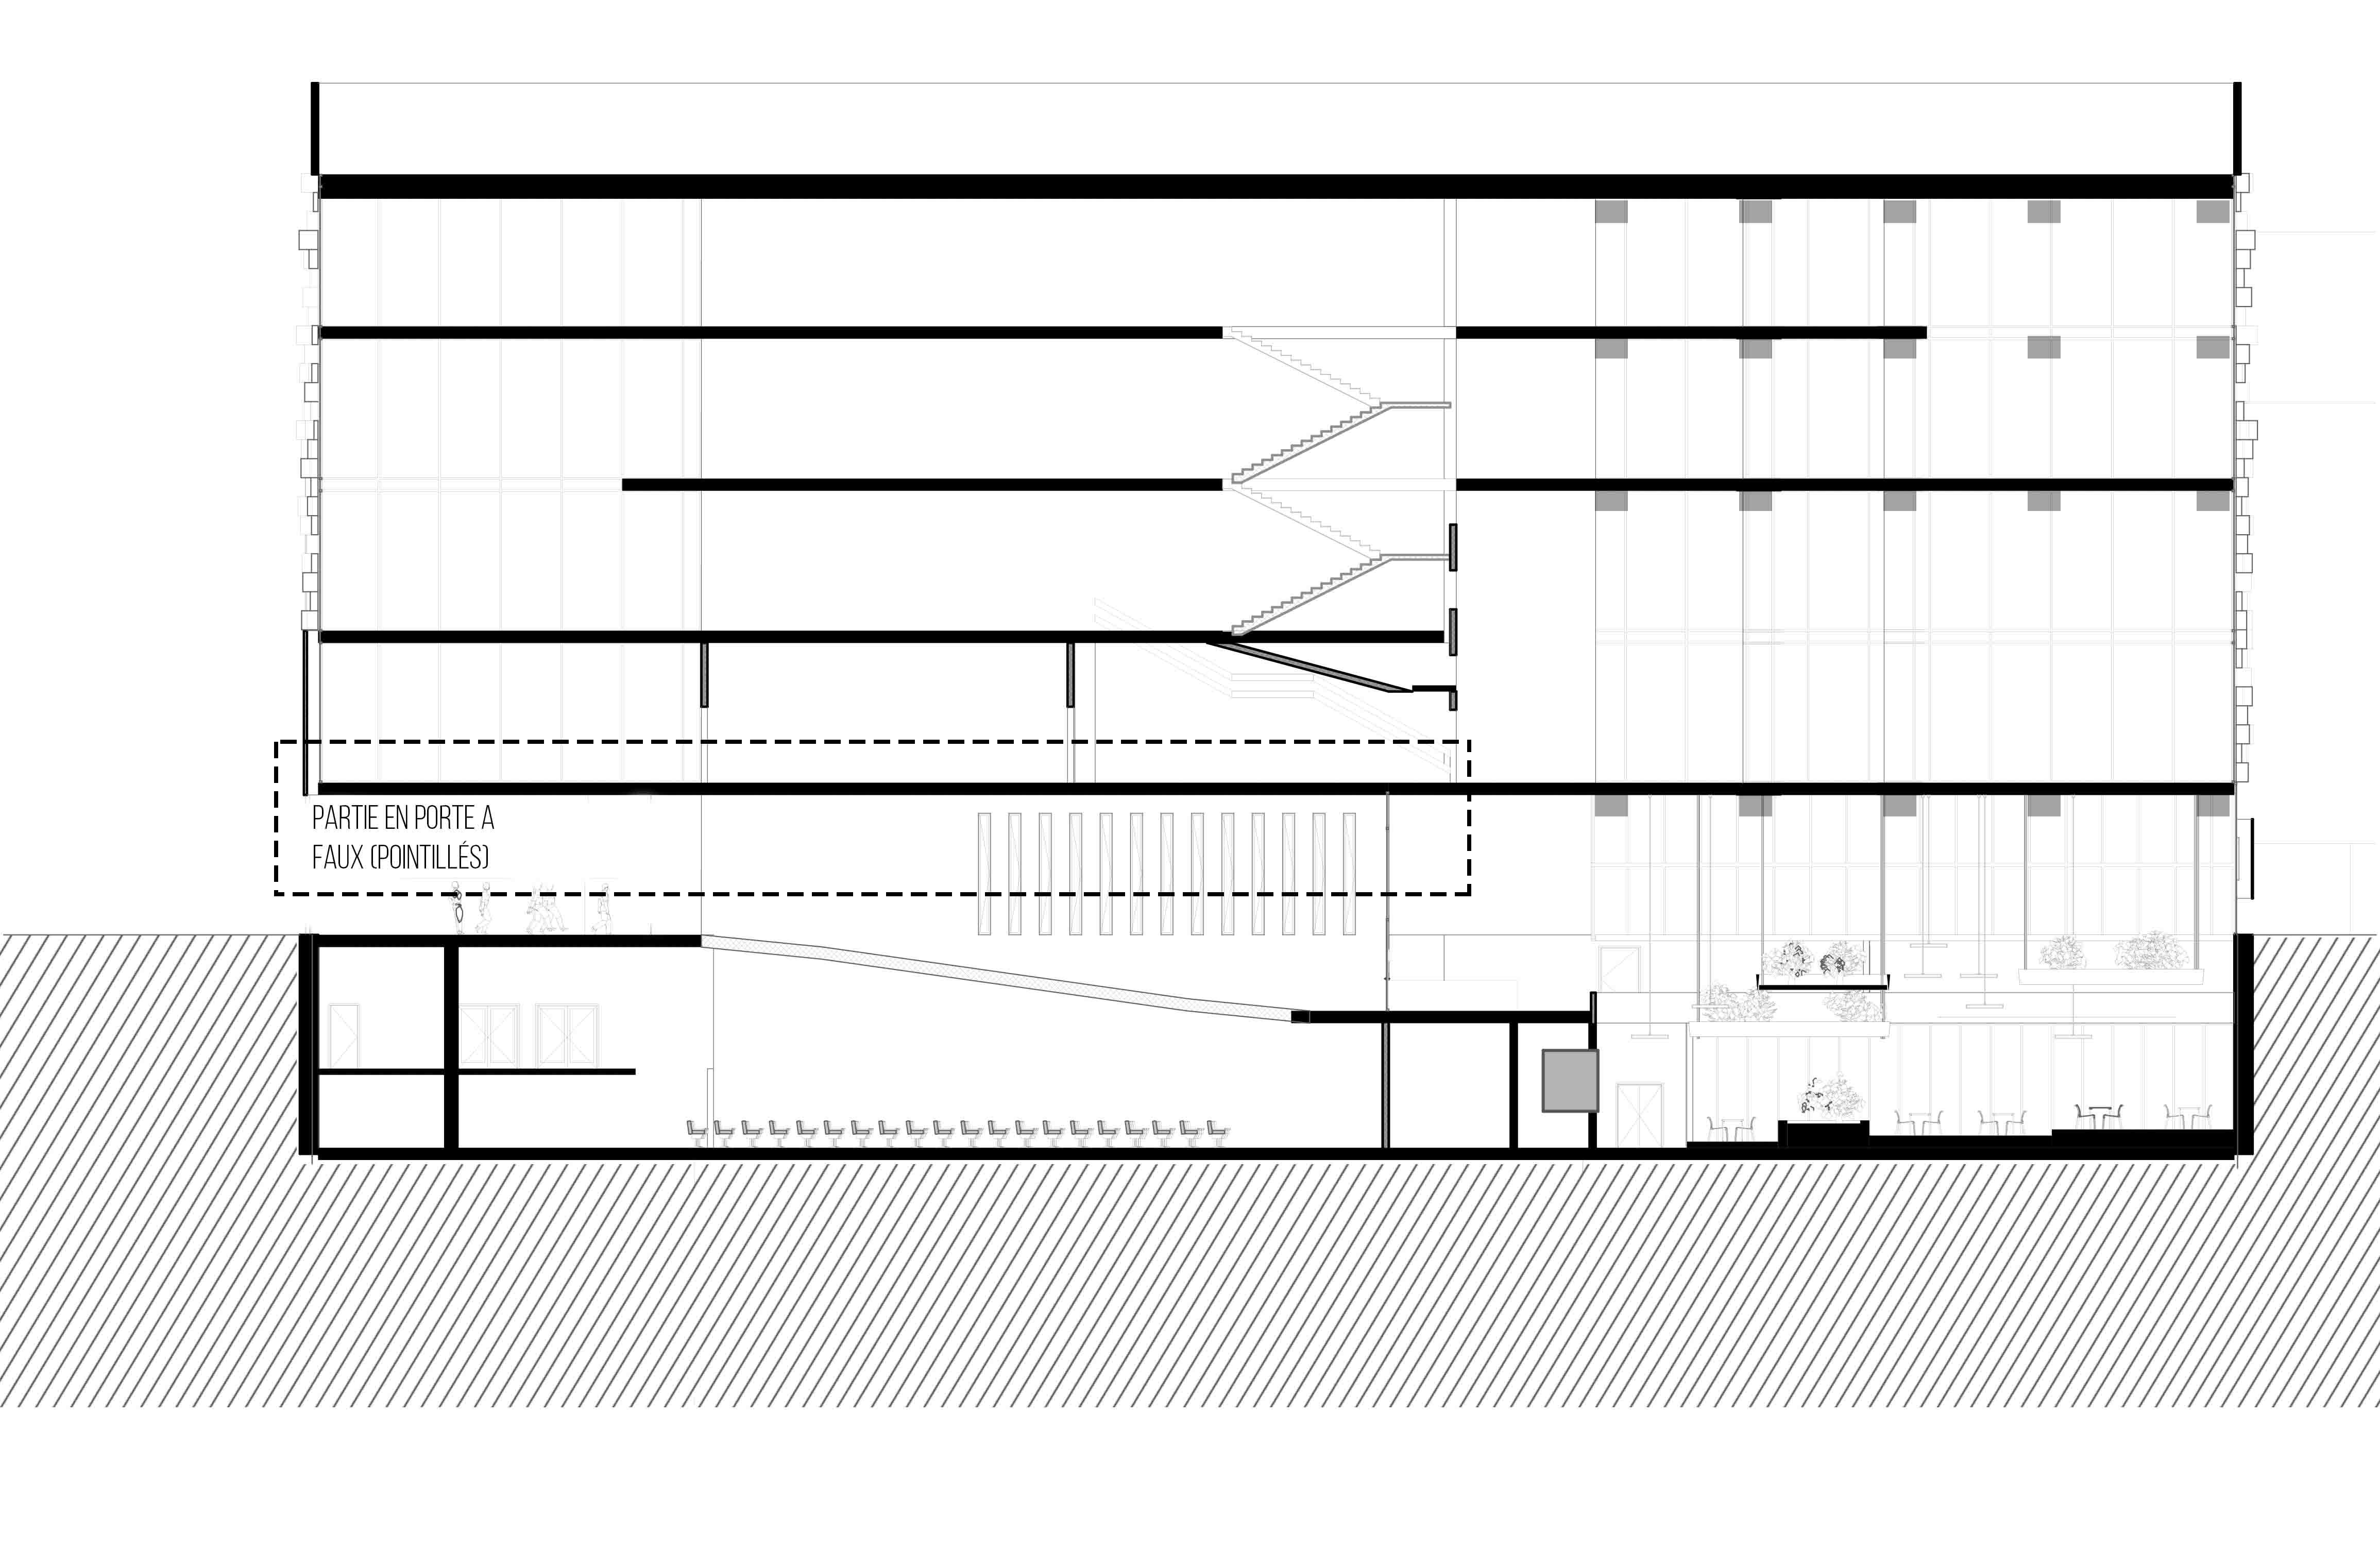 dimensionnement porte faux b ton arm civilmania. Black Bedroom Furniture Sets. Home Design Ideas